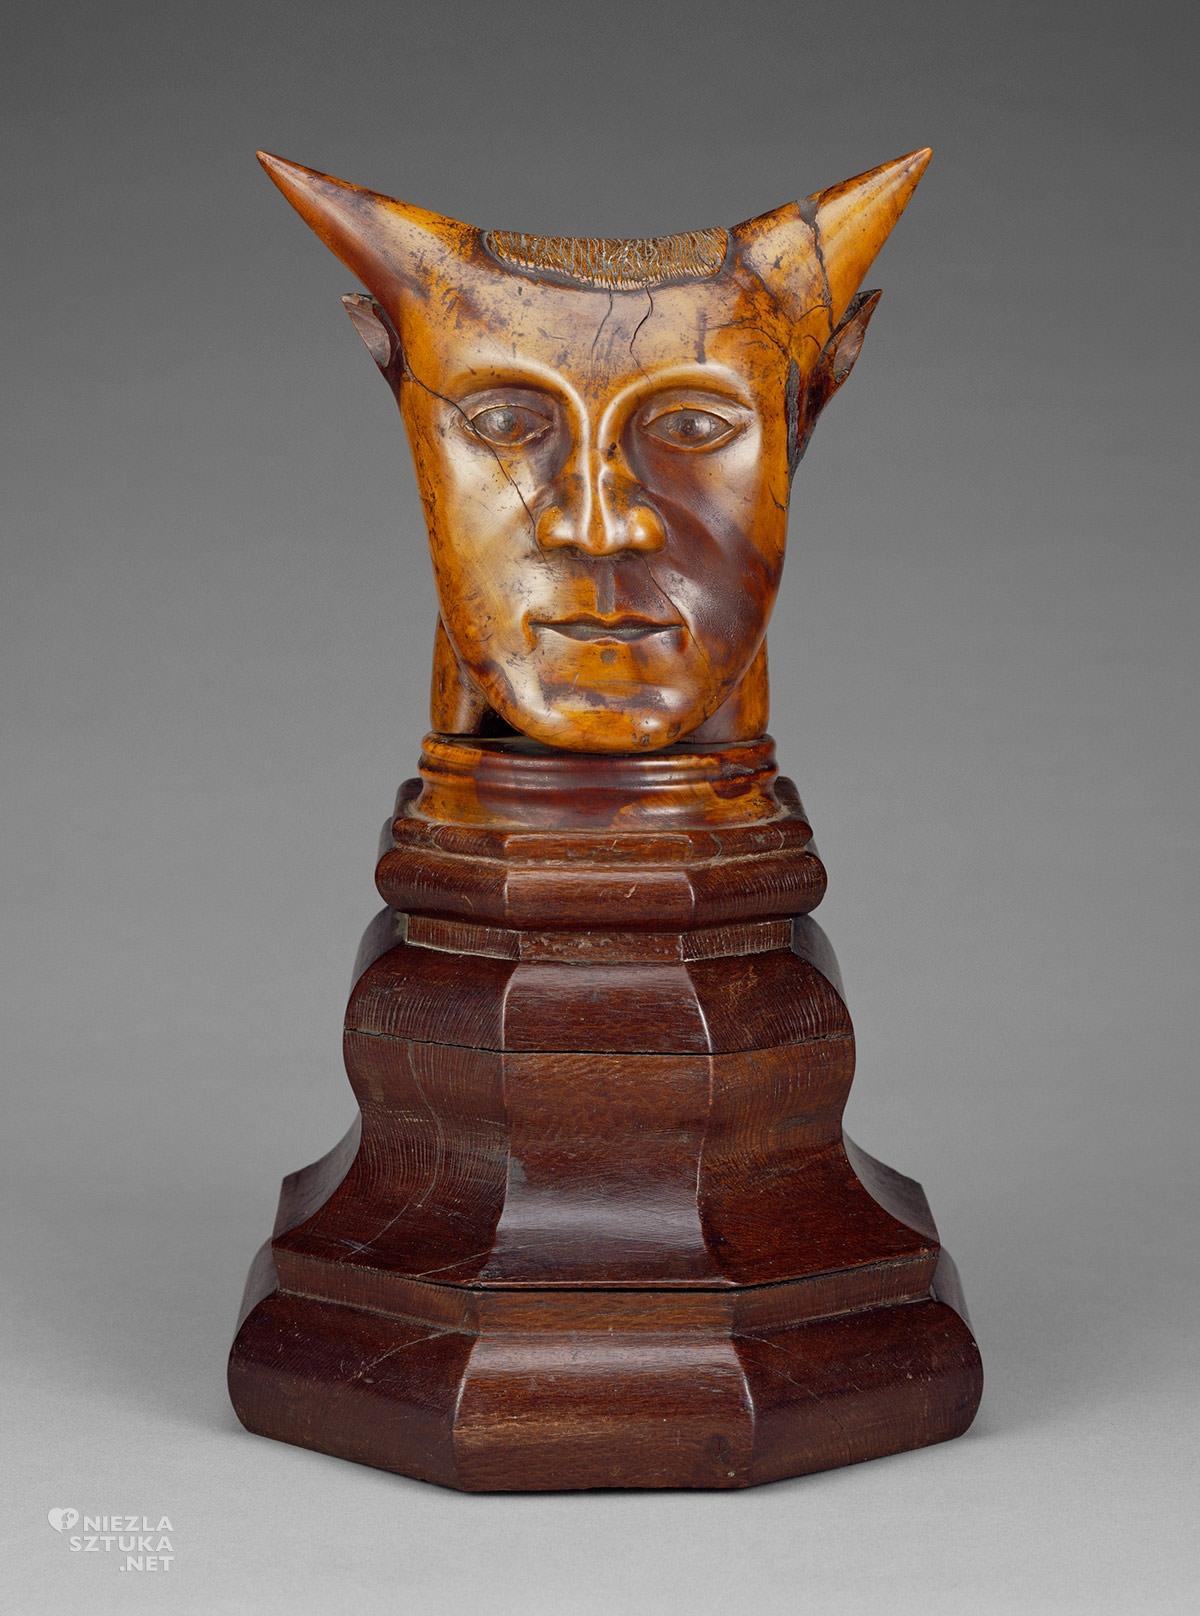 Paul Gauguin, Głowa z rogami, rzeźba Gauguina, postimpresjonizm, impresjonizm, podróż Gauguina, Wyspy Polinezji, Wyspy Pacyfiku, Tahiti, Niezła Sztuka